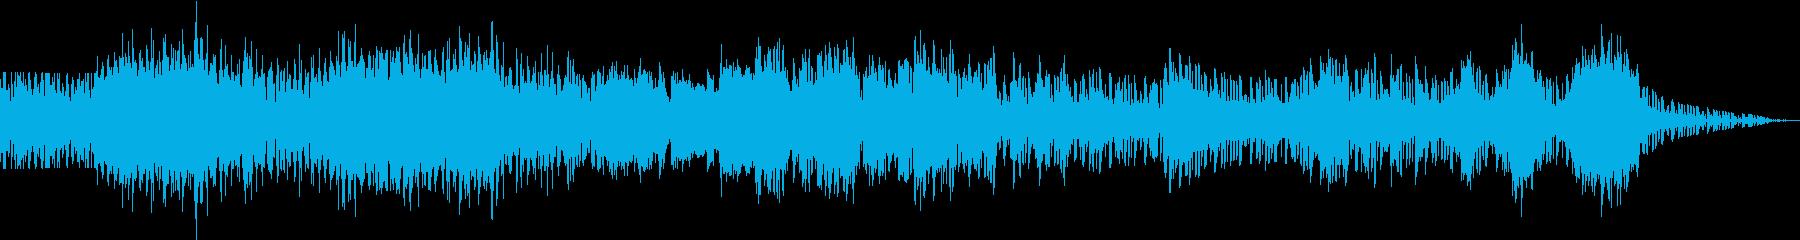 使いやすい EDM BGM の再生済みの波形